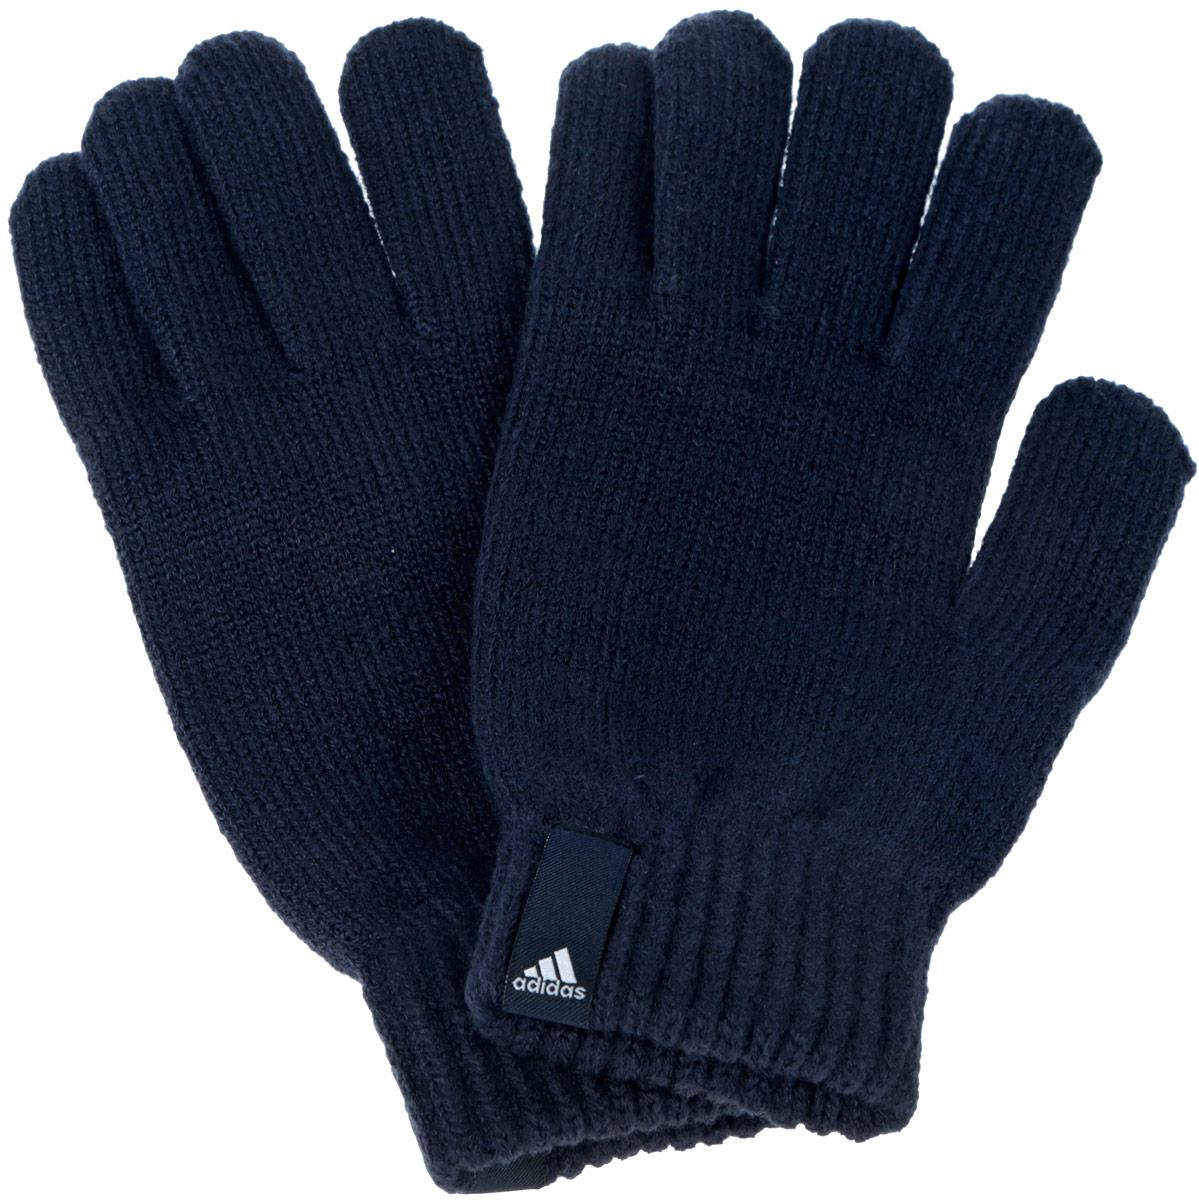 Перчатки Adidas Performance, цвет: темно-синий. AB0348. Размер M (20)AB0348Теплые вязаные Adidas Performance станут великолепным дополнением вашего образа и защитят ваши руки от холода и ветра во время прогулок.Перчатки, выполненные из акрила, полиэстера и эластана, надежно сохраняют тепло и обеспечивают удобство и комфорт при носке.Такие перчатки будут оригинальным завершающим штрихом в создании современного модного образа, они подчеркнут ваш изысканный вкус и станут незаменимым и практичным аксессуаром.